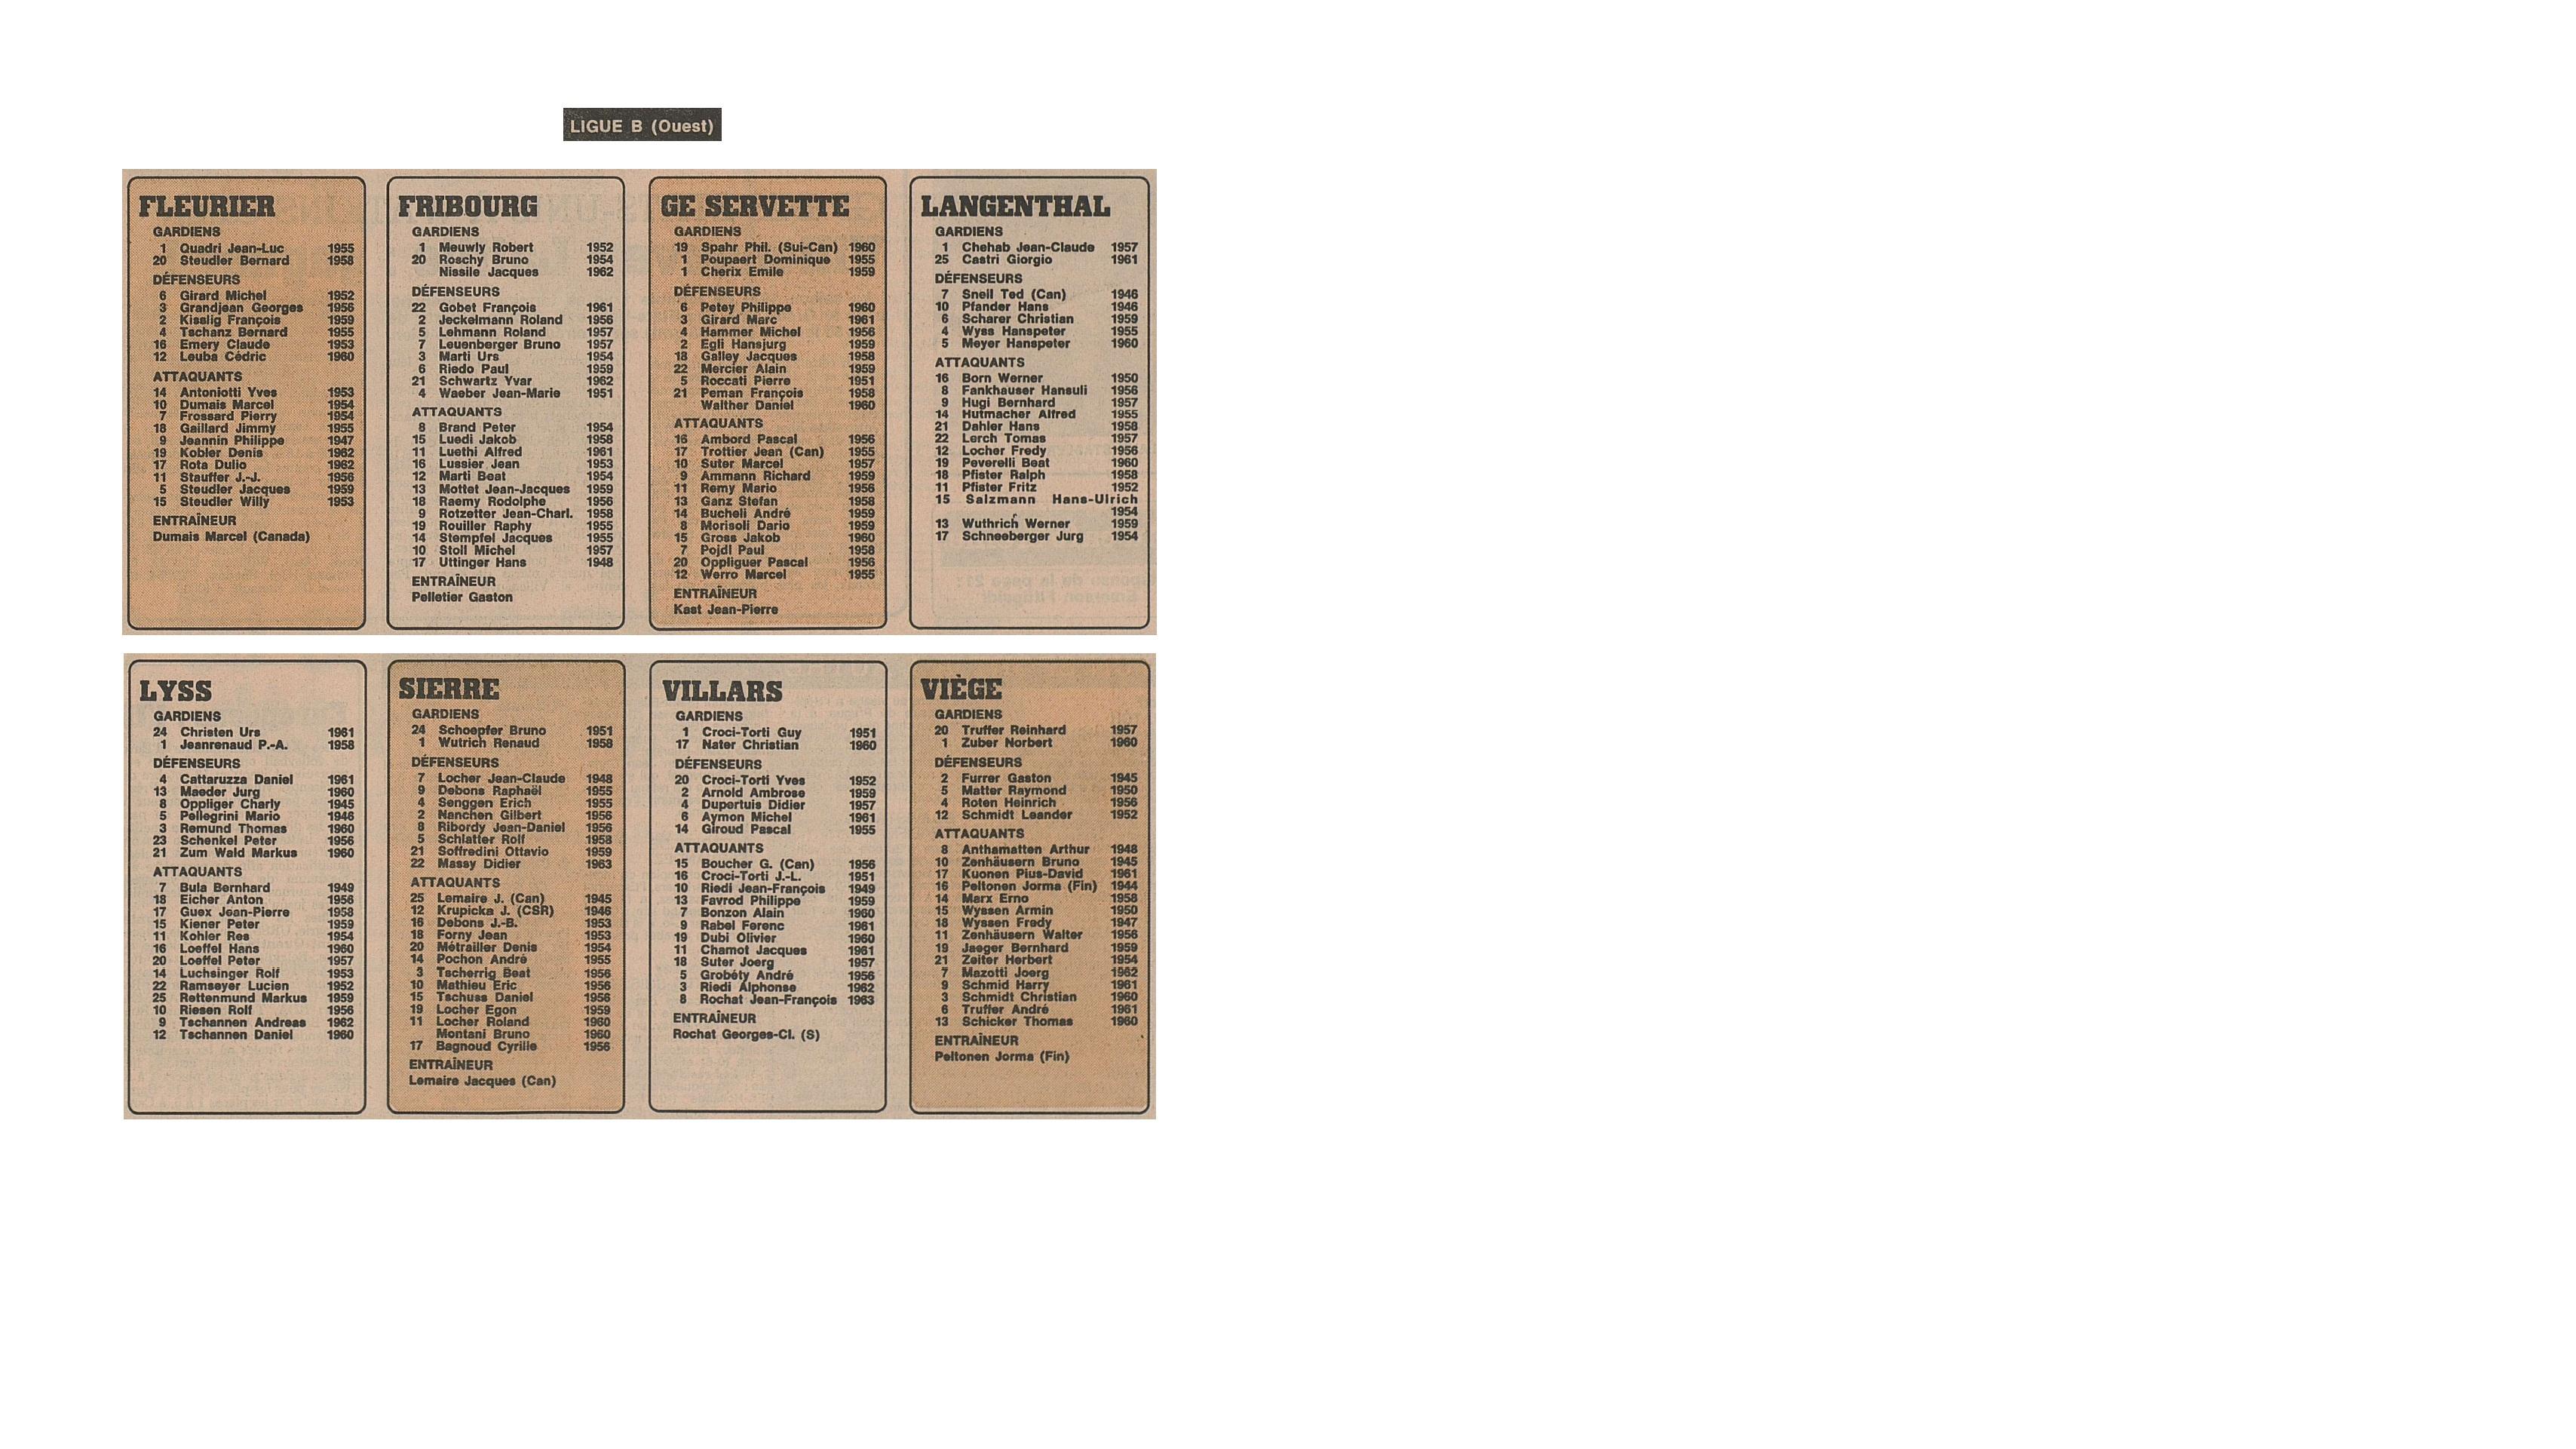 NLB . OUEST 1979-80.jpg